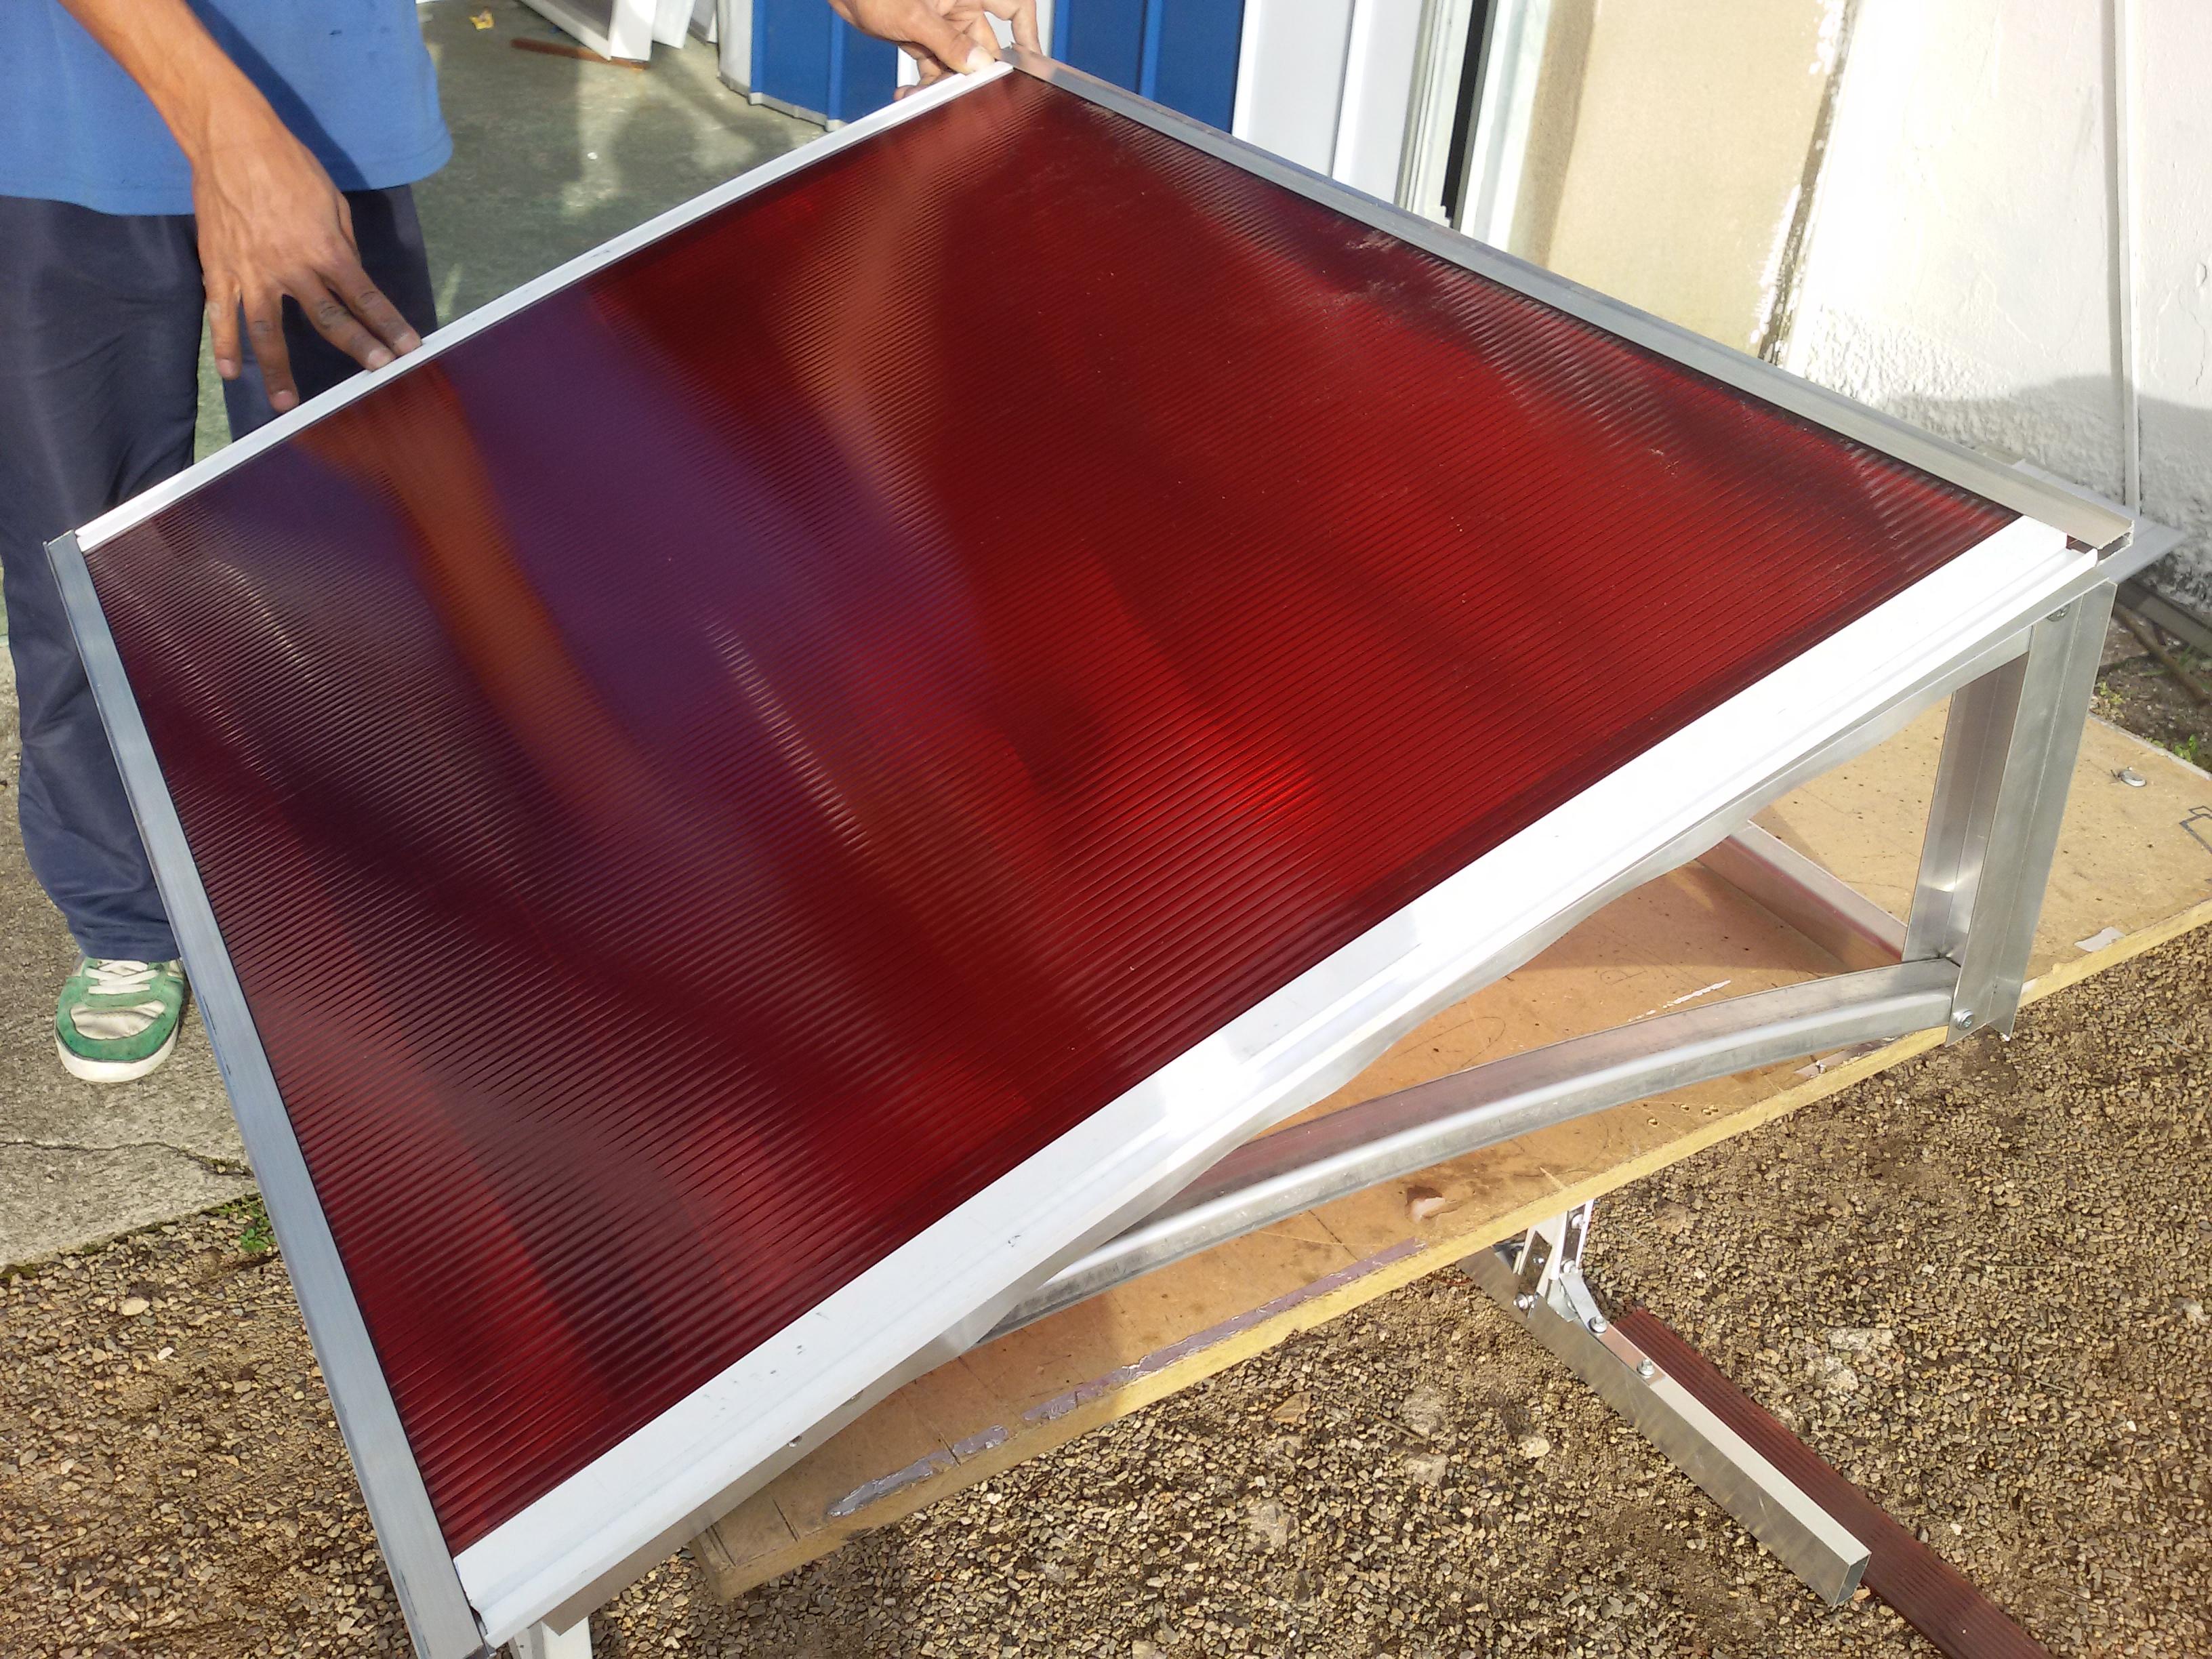 Perfil de aluminio arremate formato f ou perfil rufo for Perfiles de aluminio para toldos de palilleria